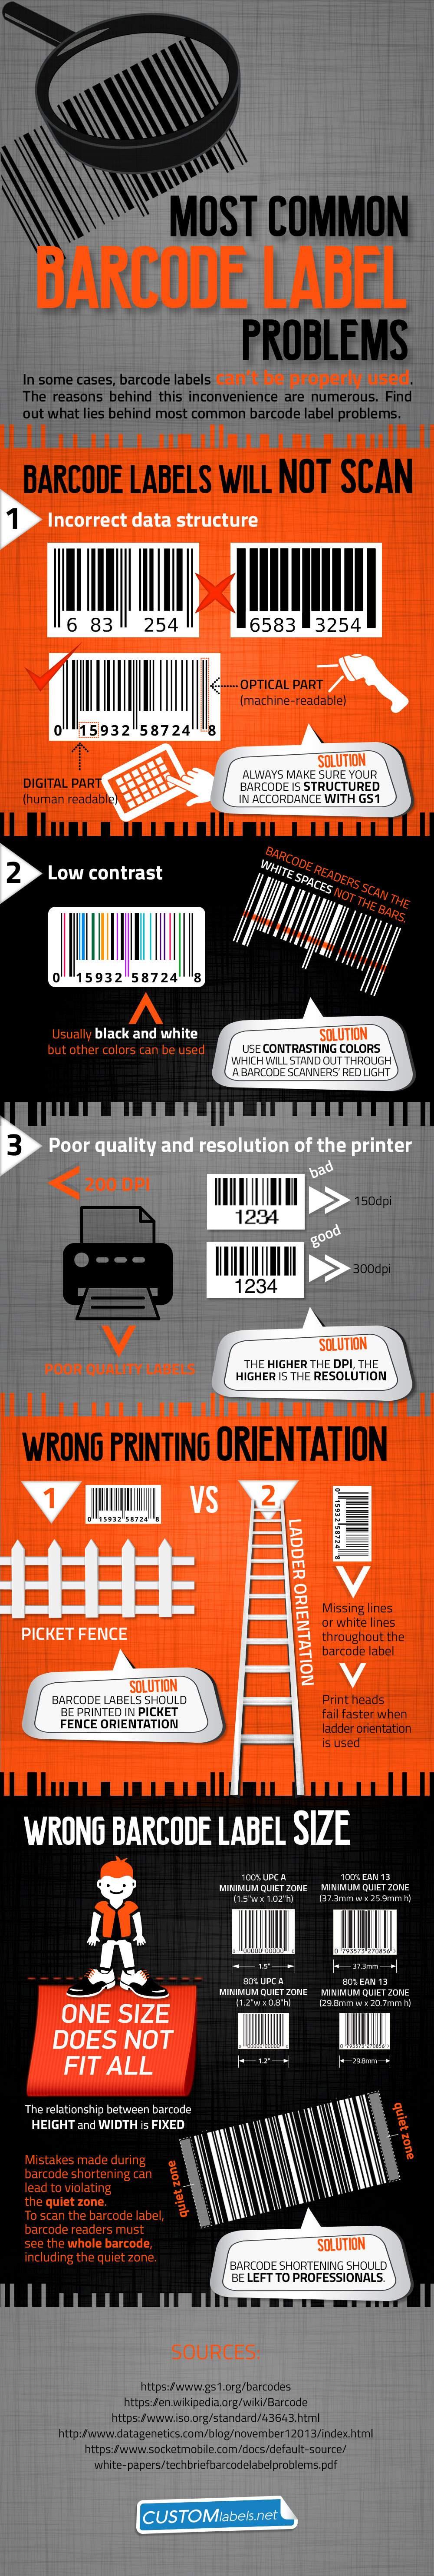 Infographic Meest voorkomende barcode problemen